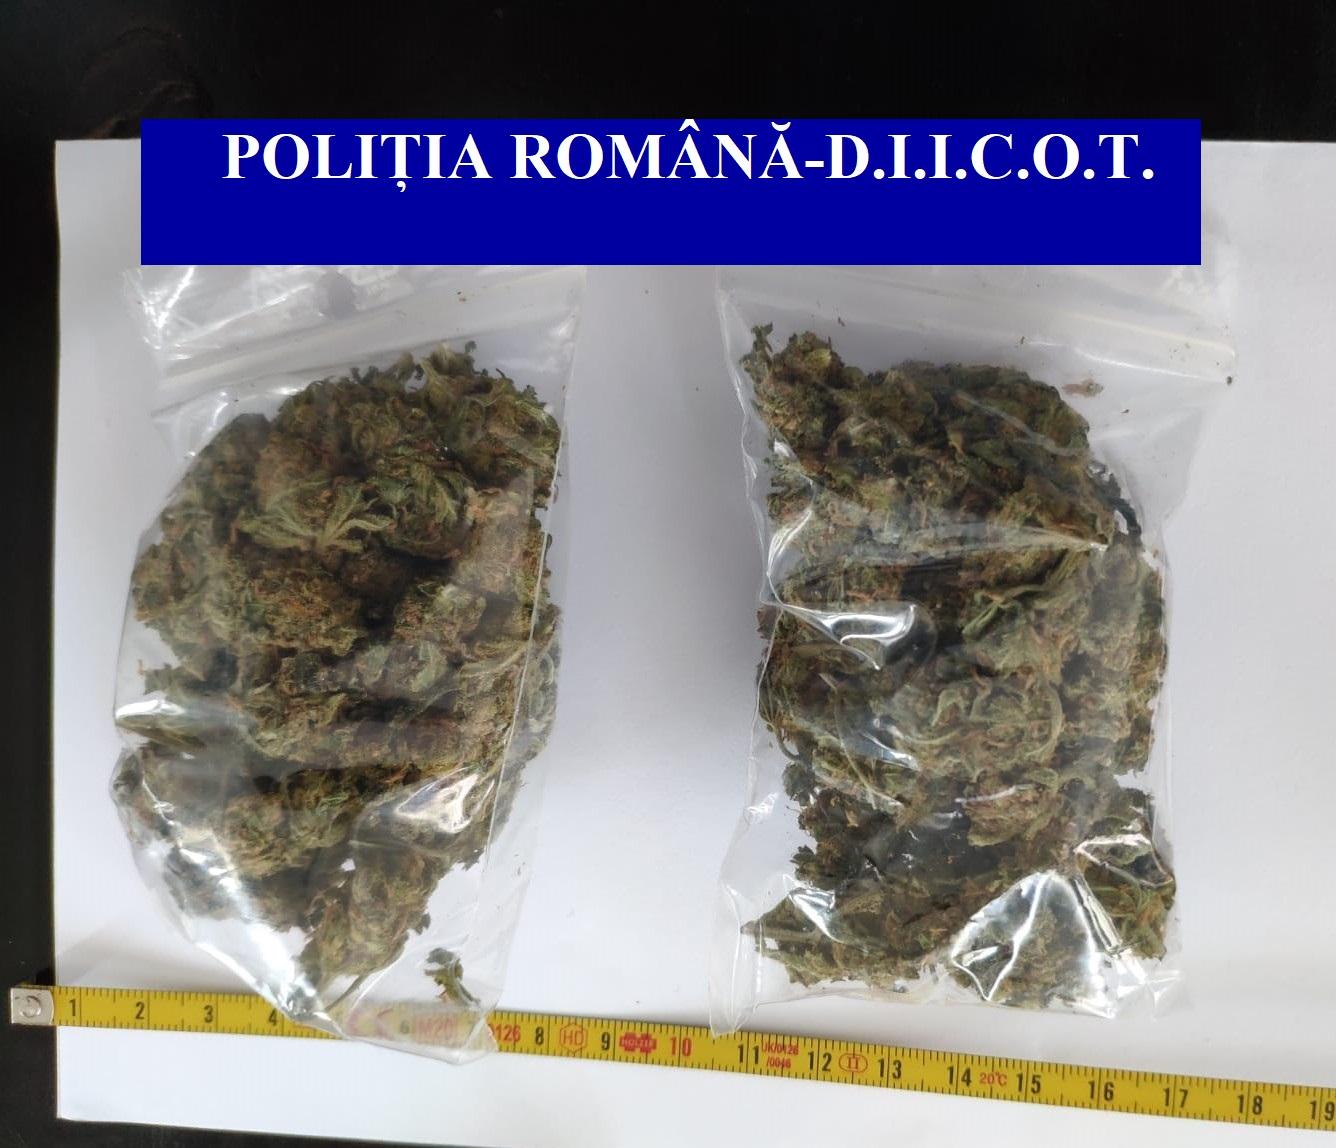 Patru percheziții în Sulina, la traficanți de droguri